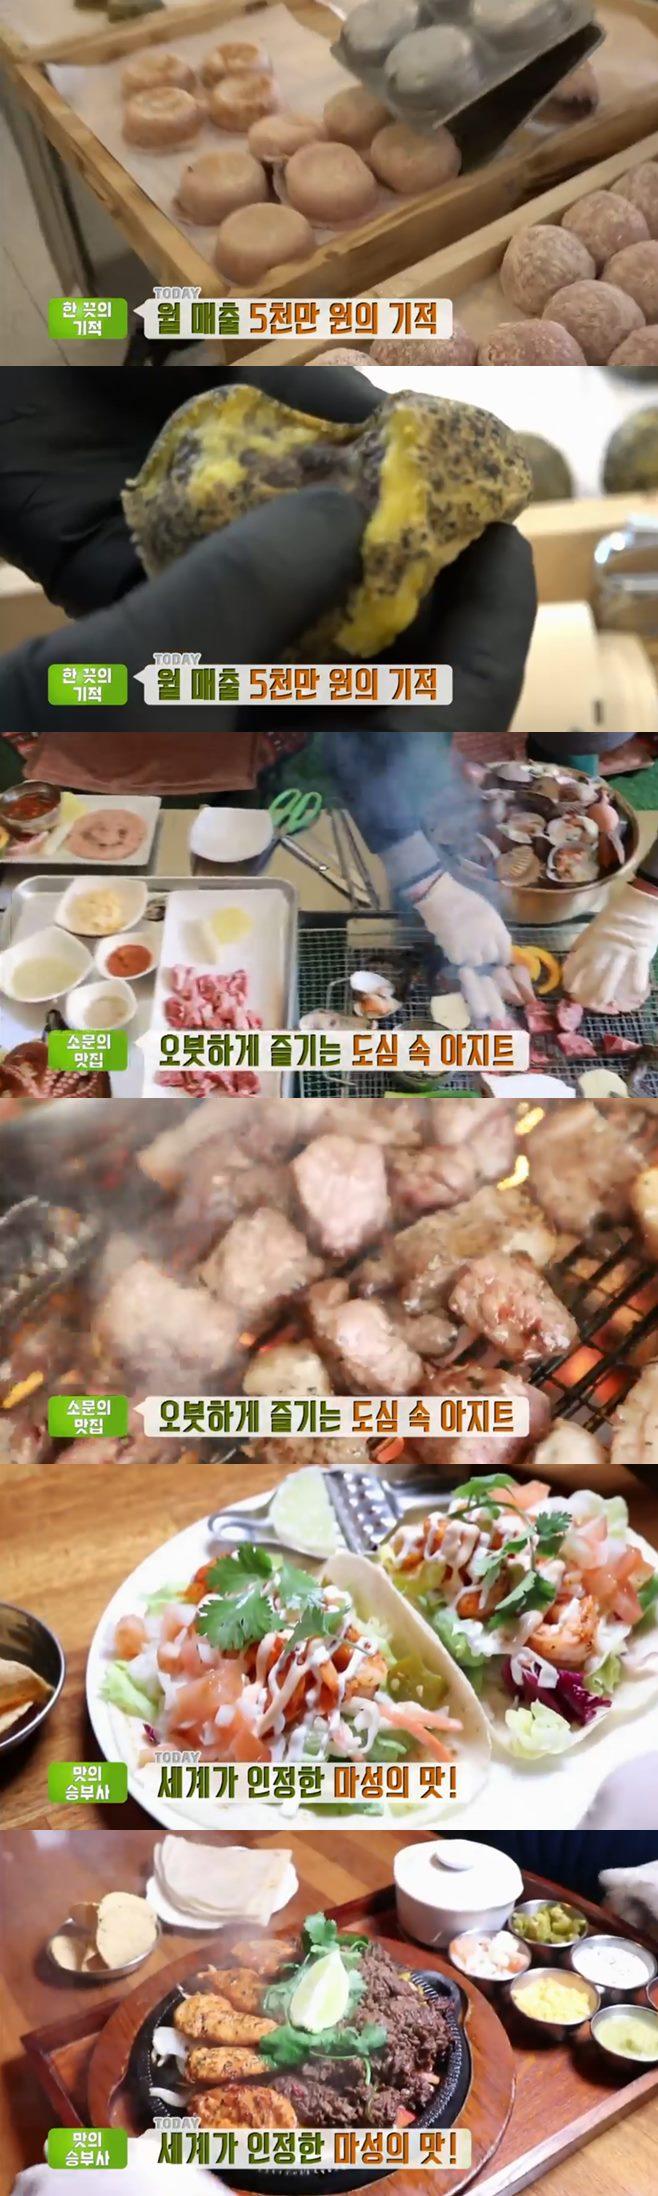 '생방송투데이' 샌드위치(빠숑숑)+리후캠핑식당+맛의승부사 울랄라TACOS+구운찹쌀떡 맛집